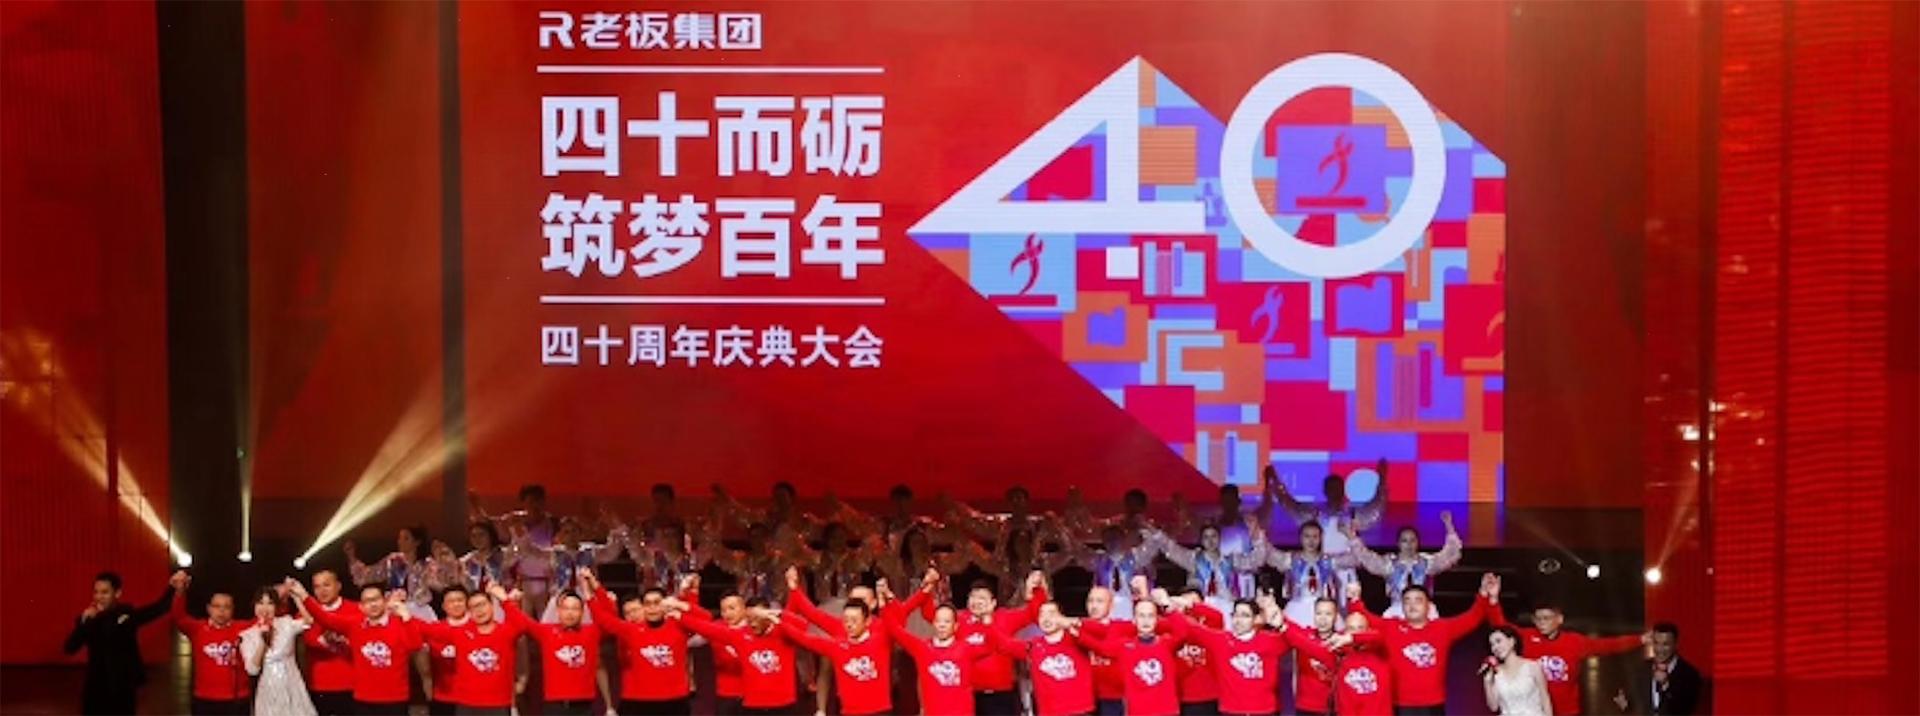 周年庆典|老板电器「40周年庆典」活动全案营销案例分享